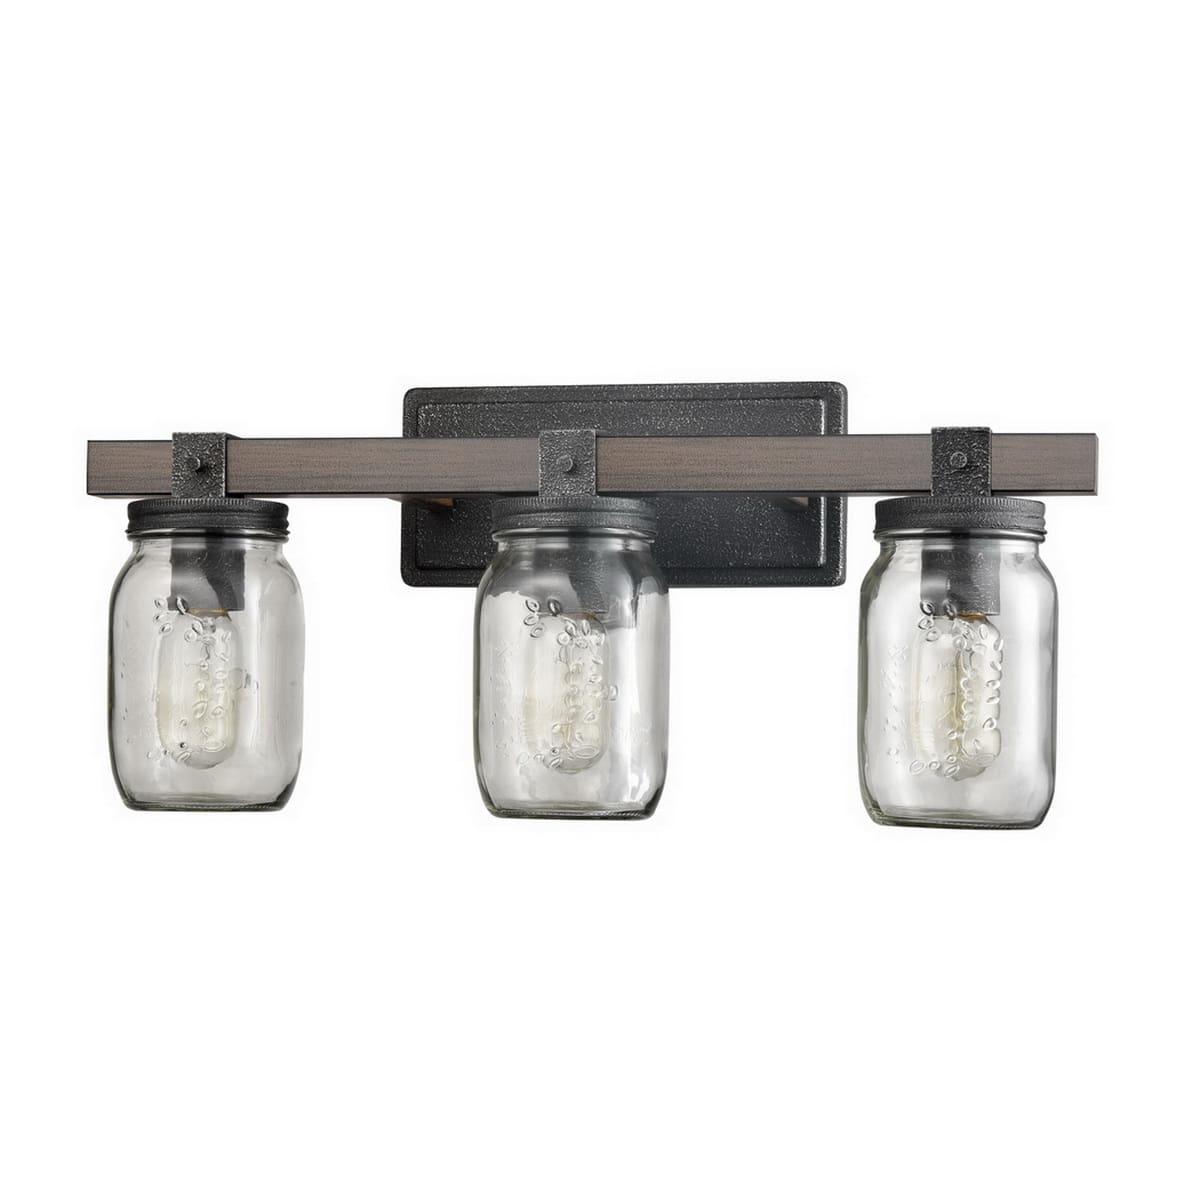 Vintage Mason Jar Bathroom Vanity Lighting 3-Lights